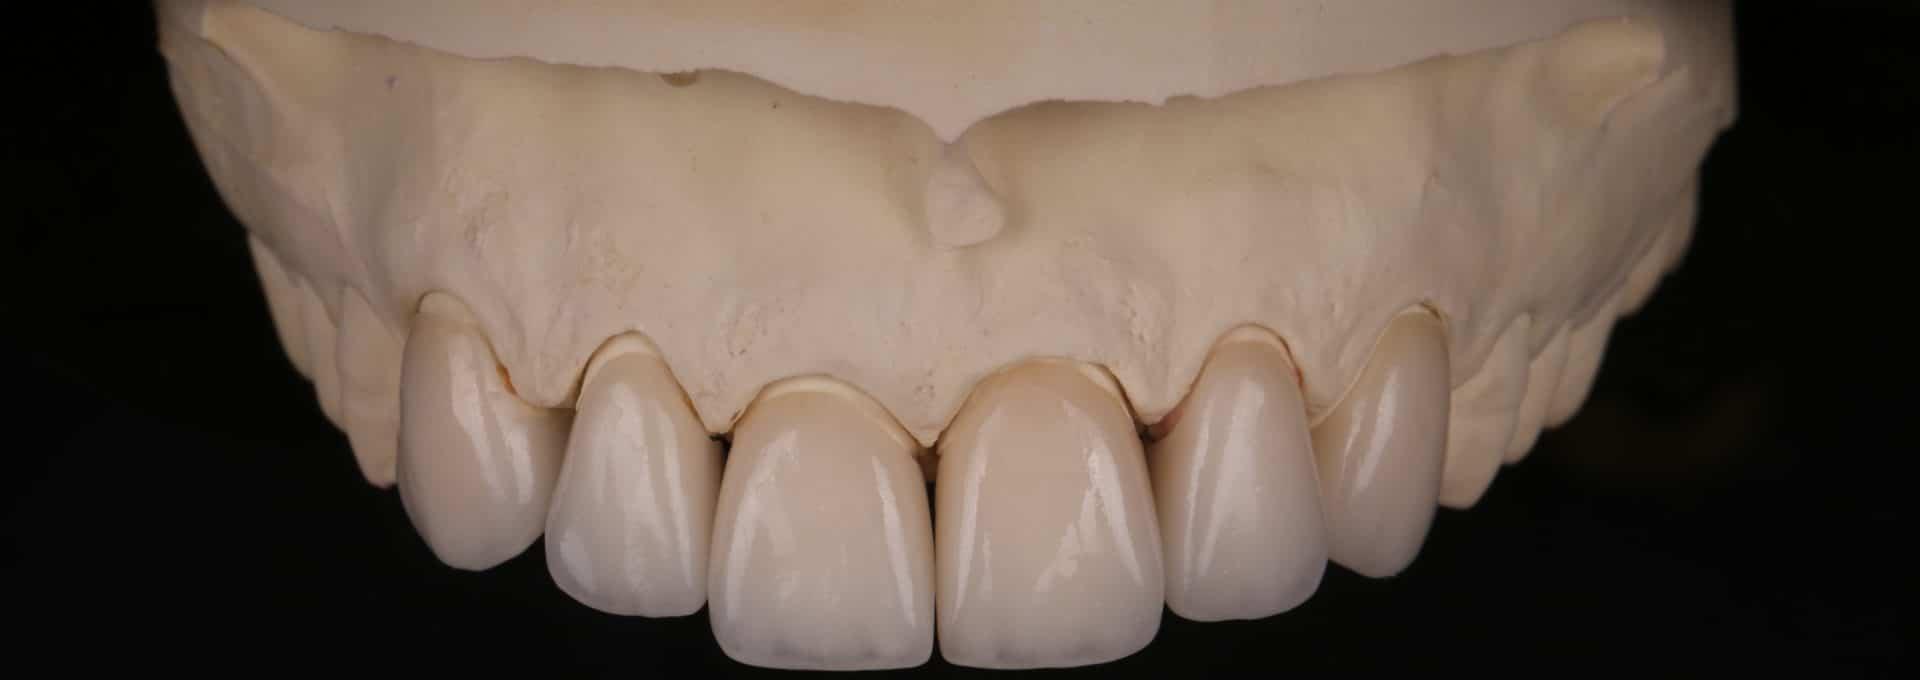 Тотальная реставрация зубов